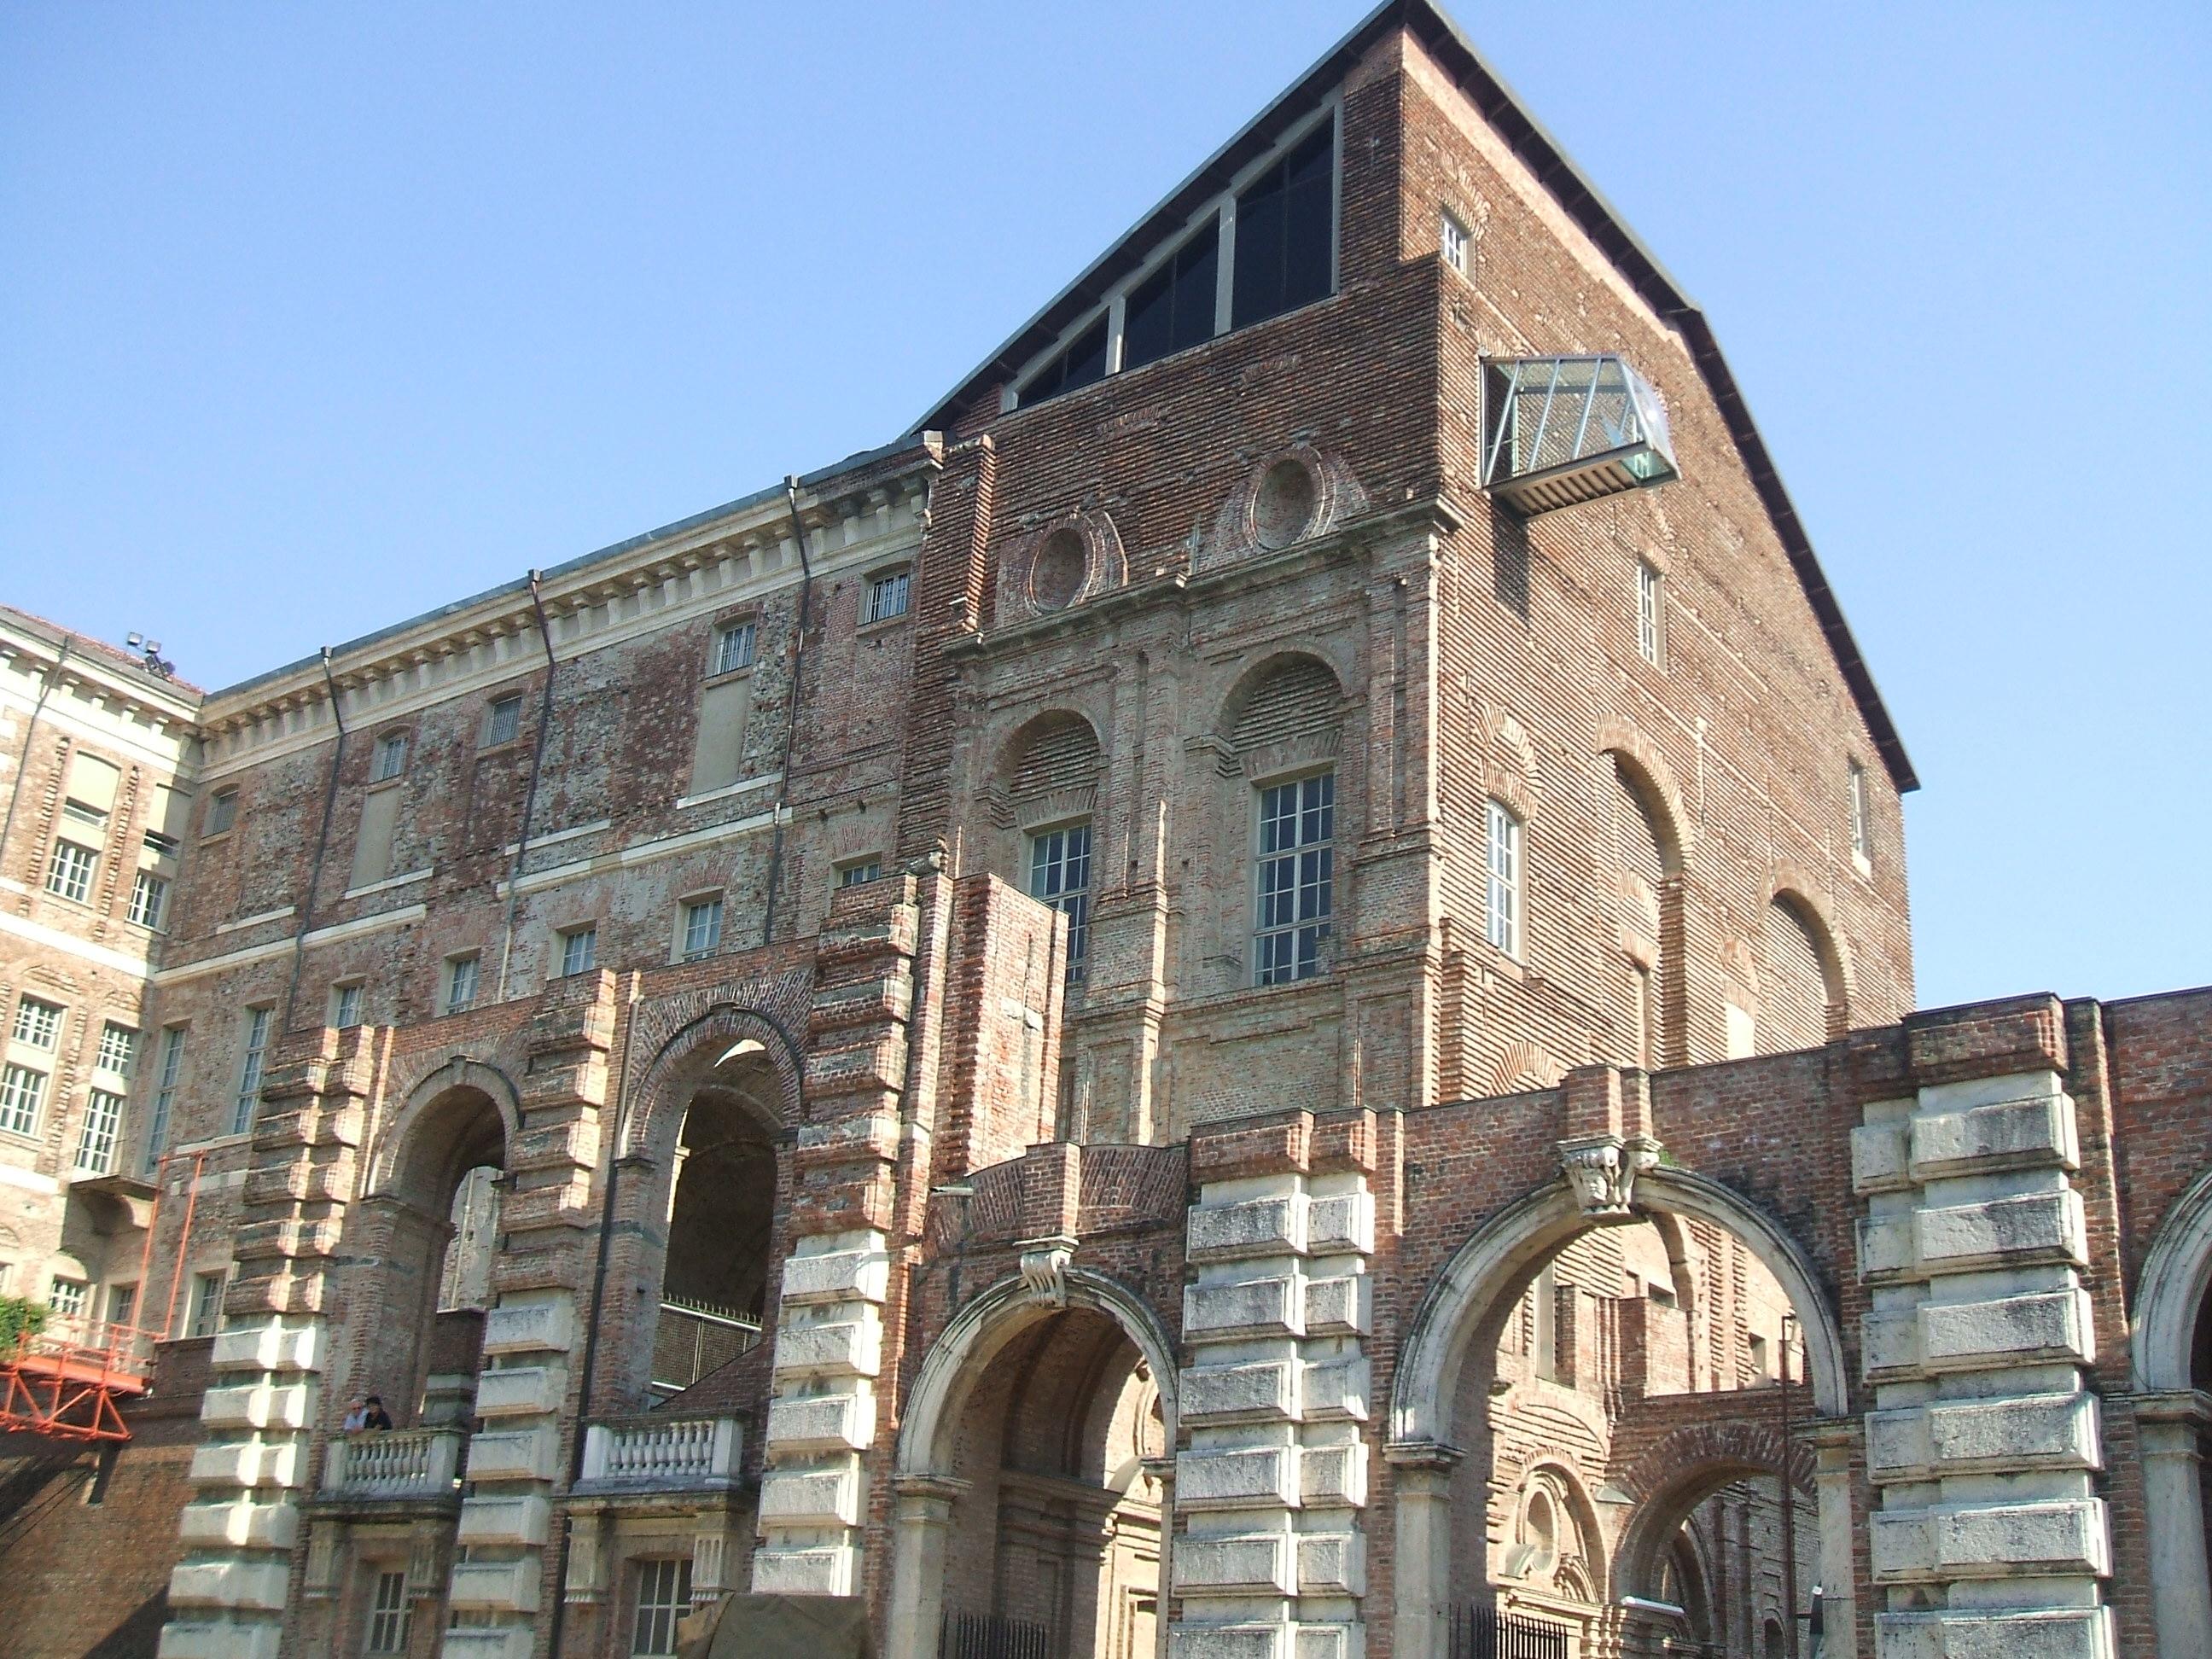 Letti A Castello Negozi Torino : Come arrivare al castello di rivoli